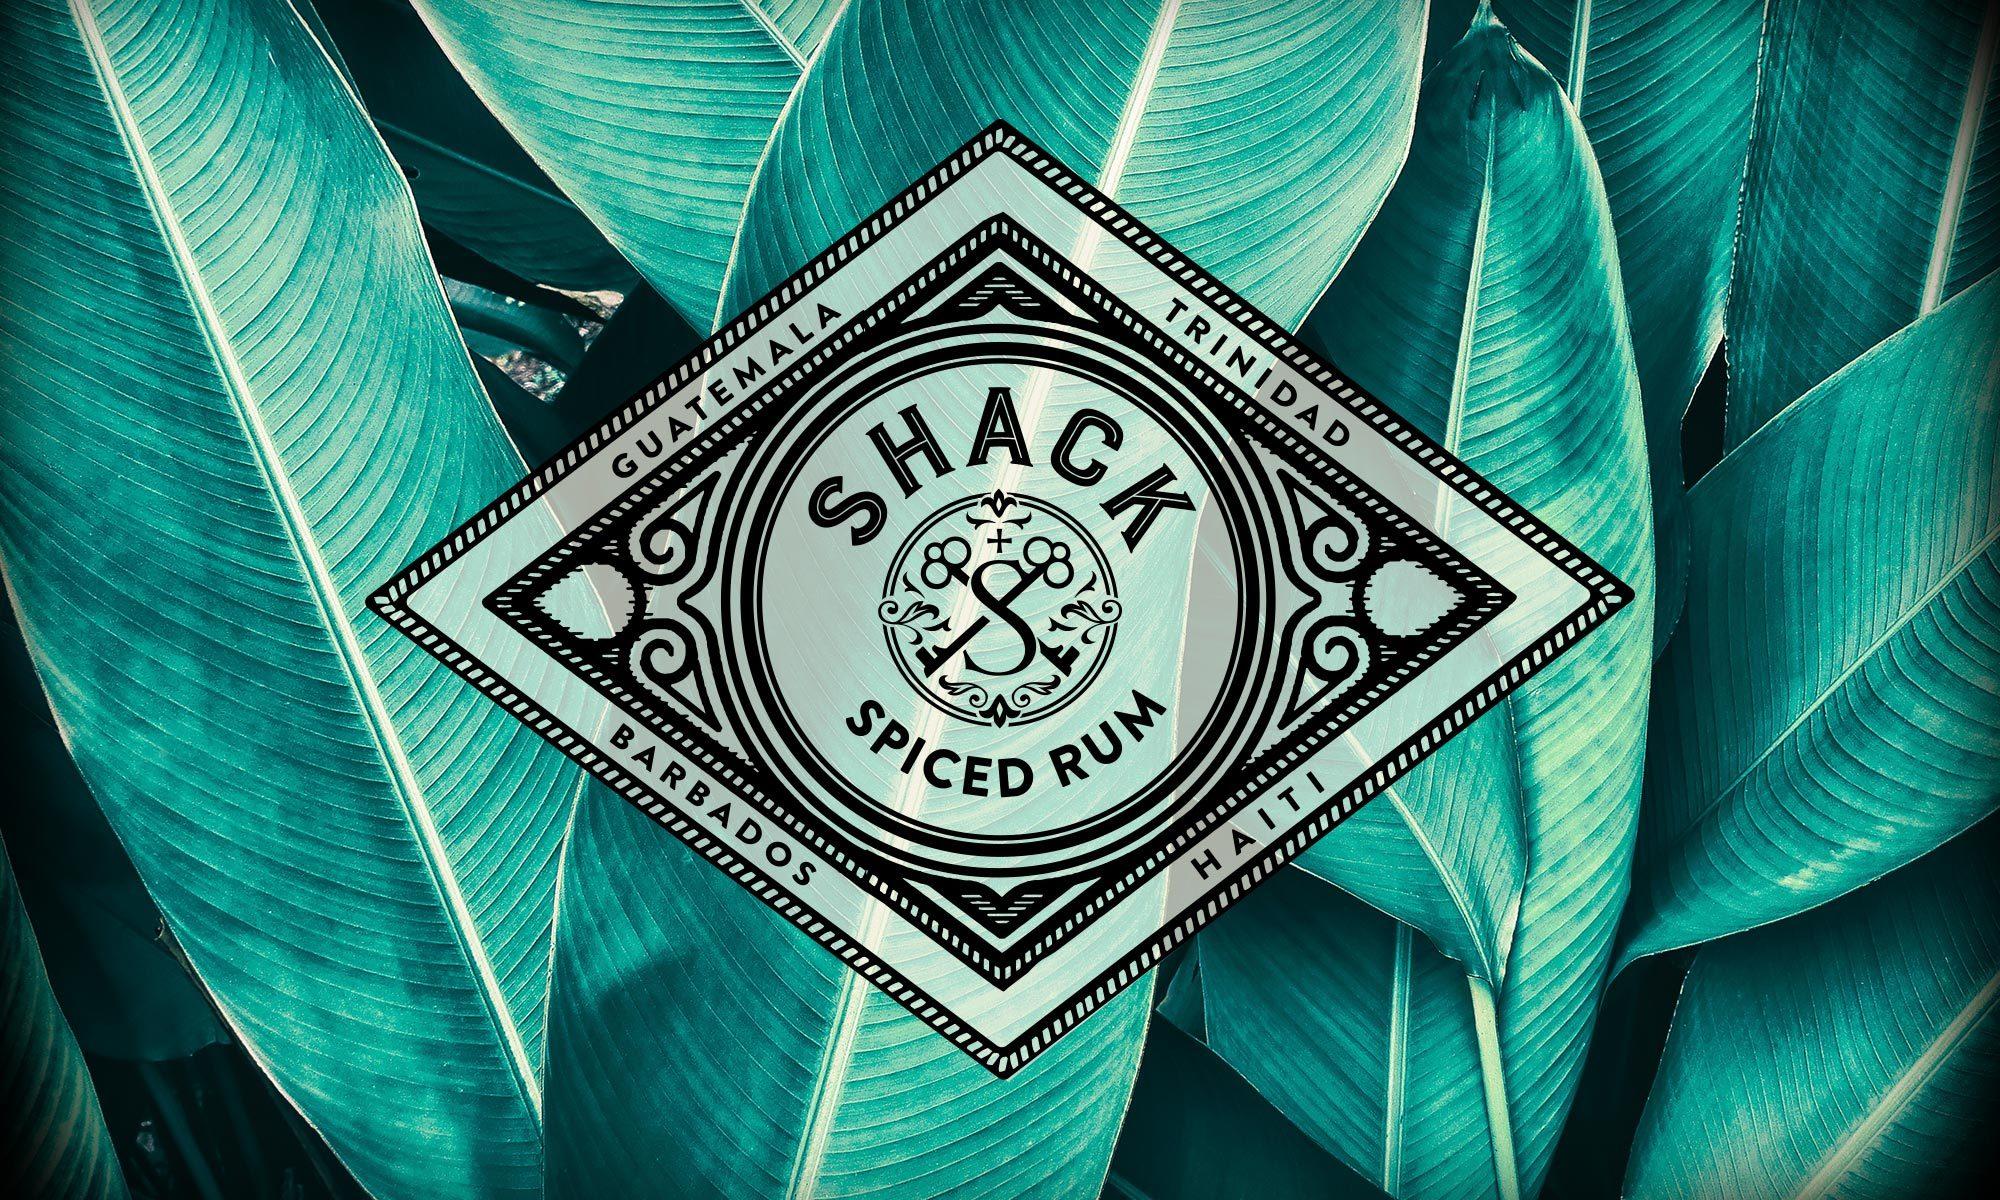 Shack Rum